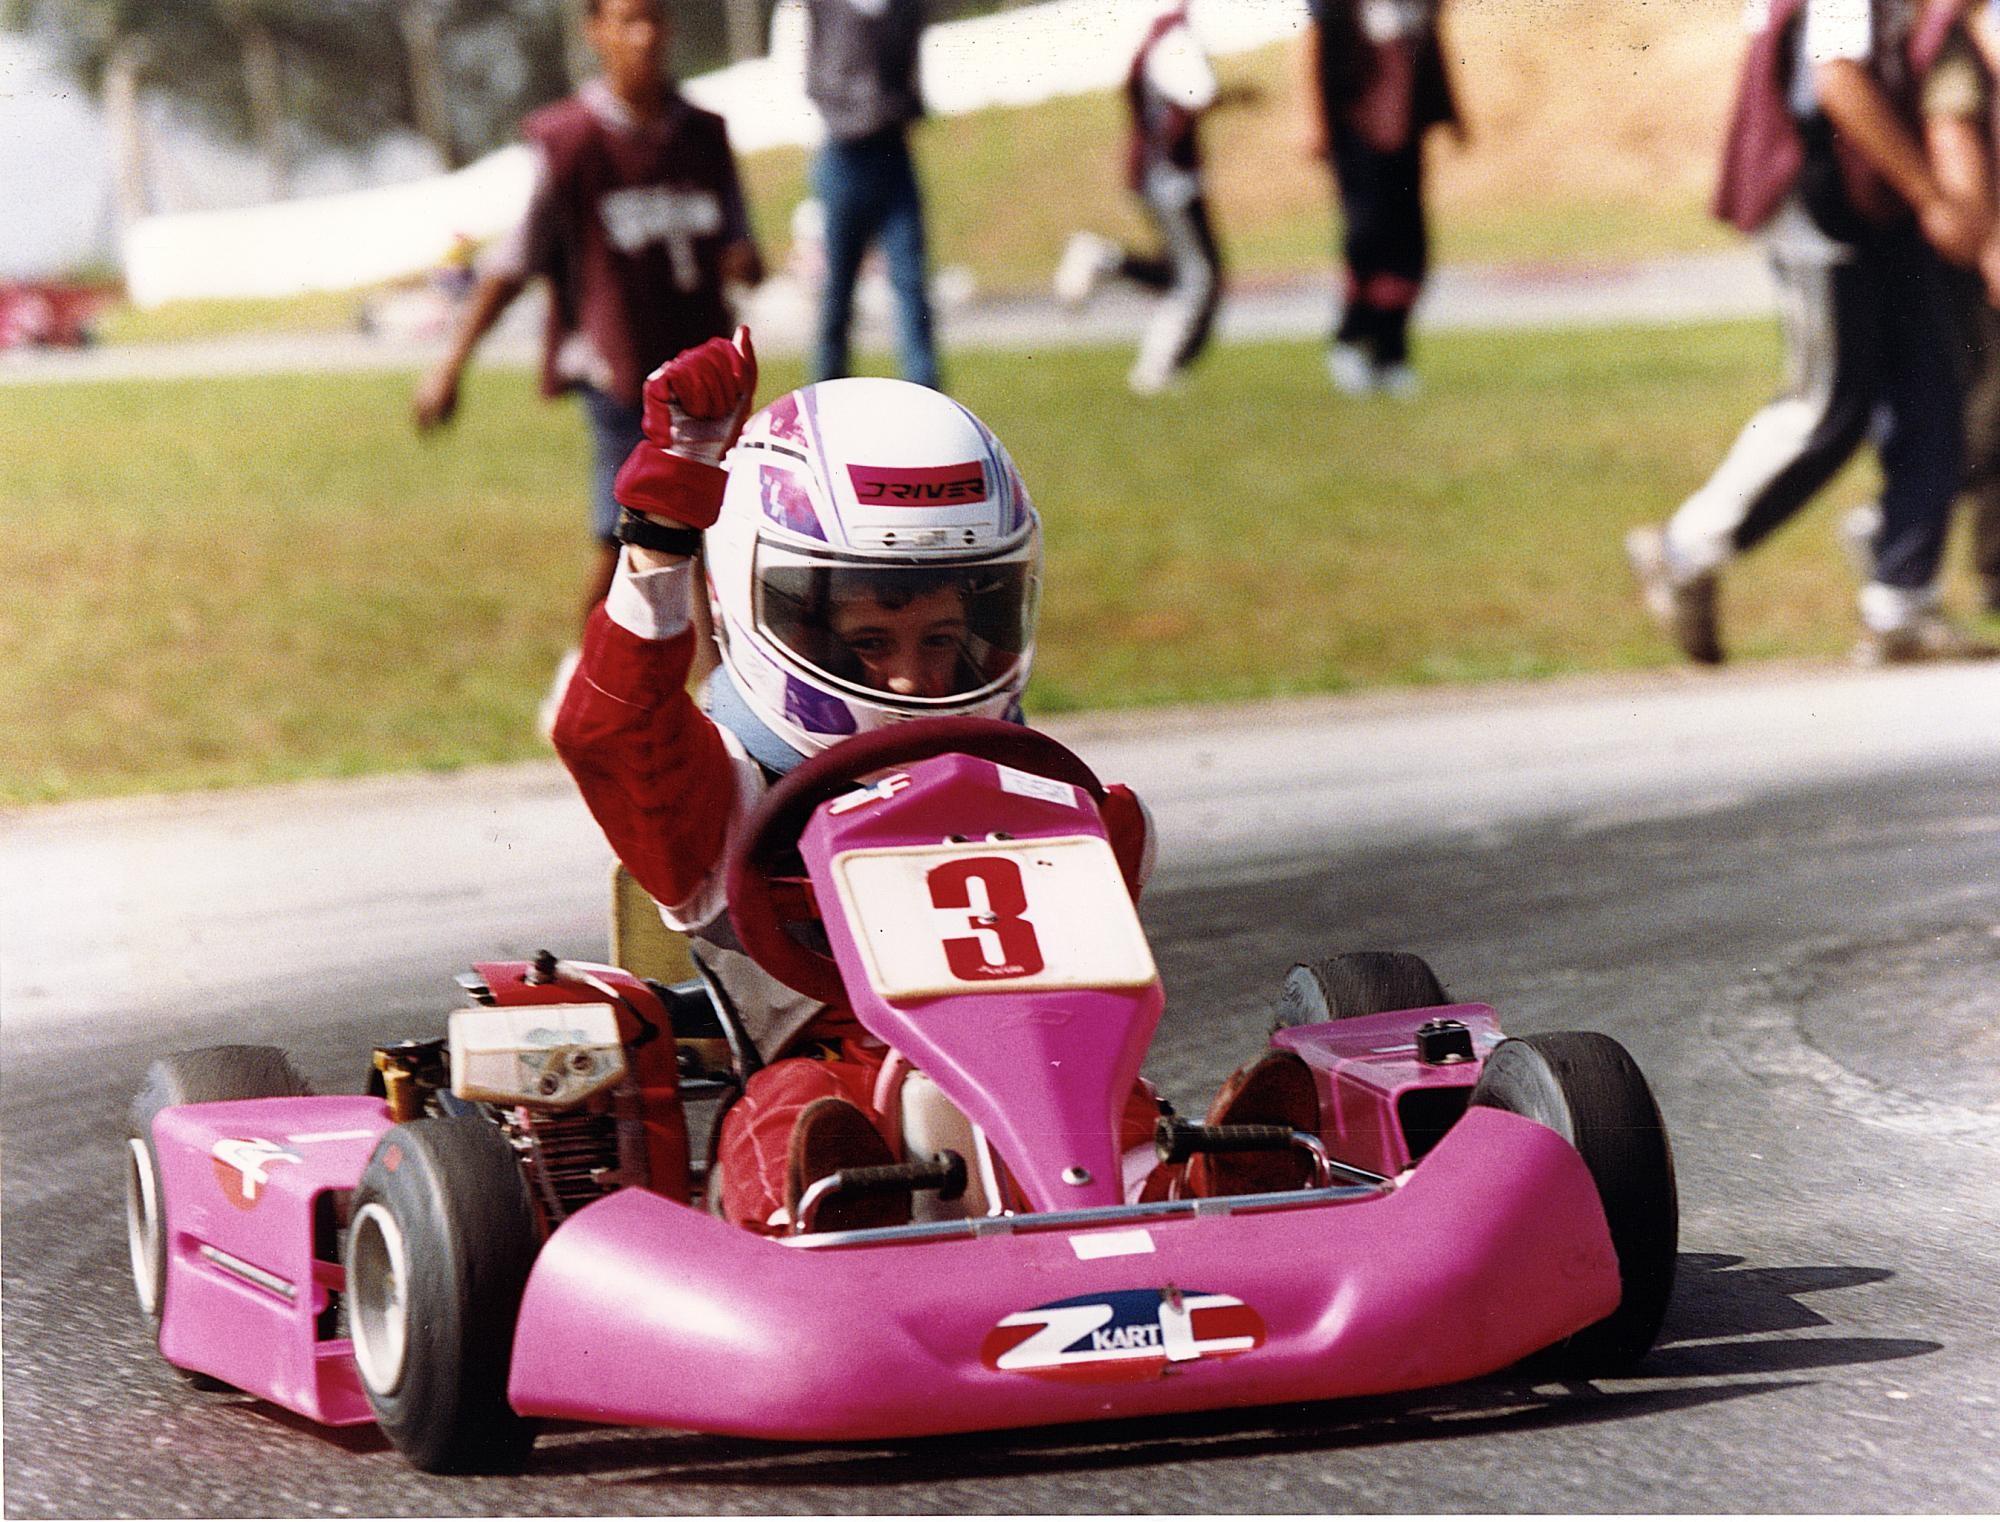 Bia Figueiredo competiu em provas de kart até os 18 anos de idade (Foto: Divulgação)